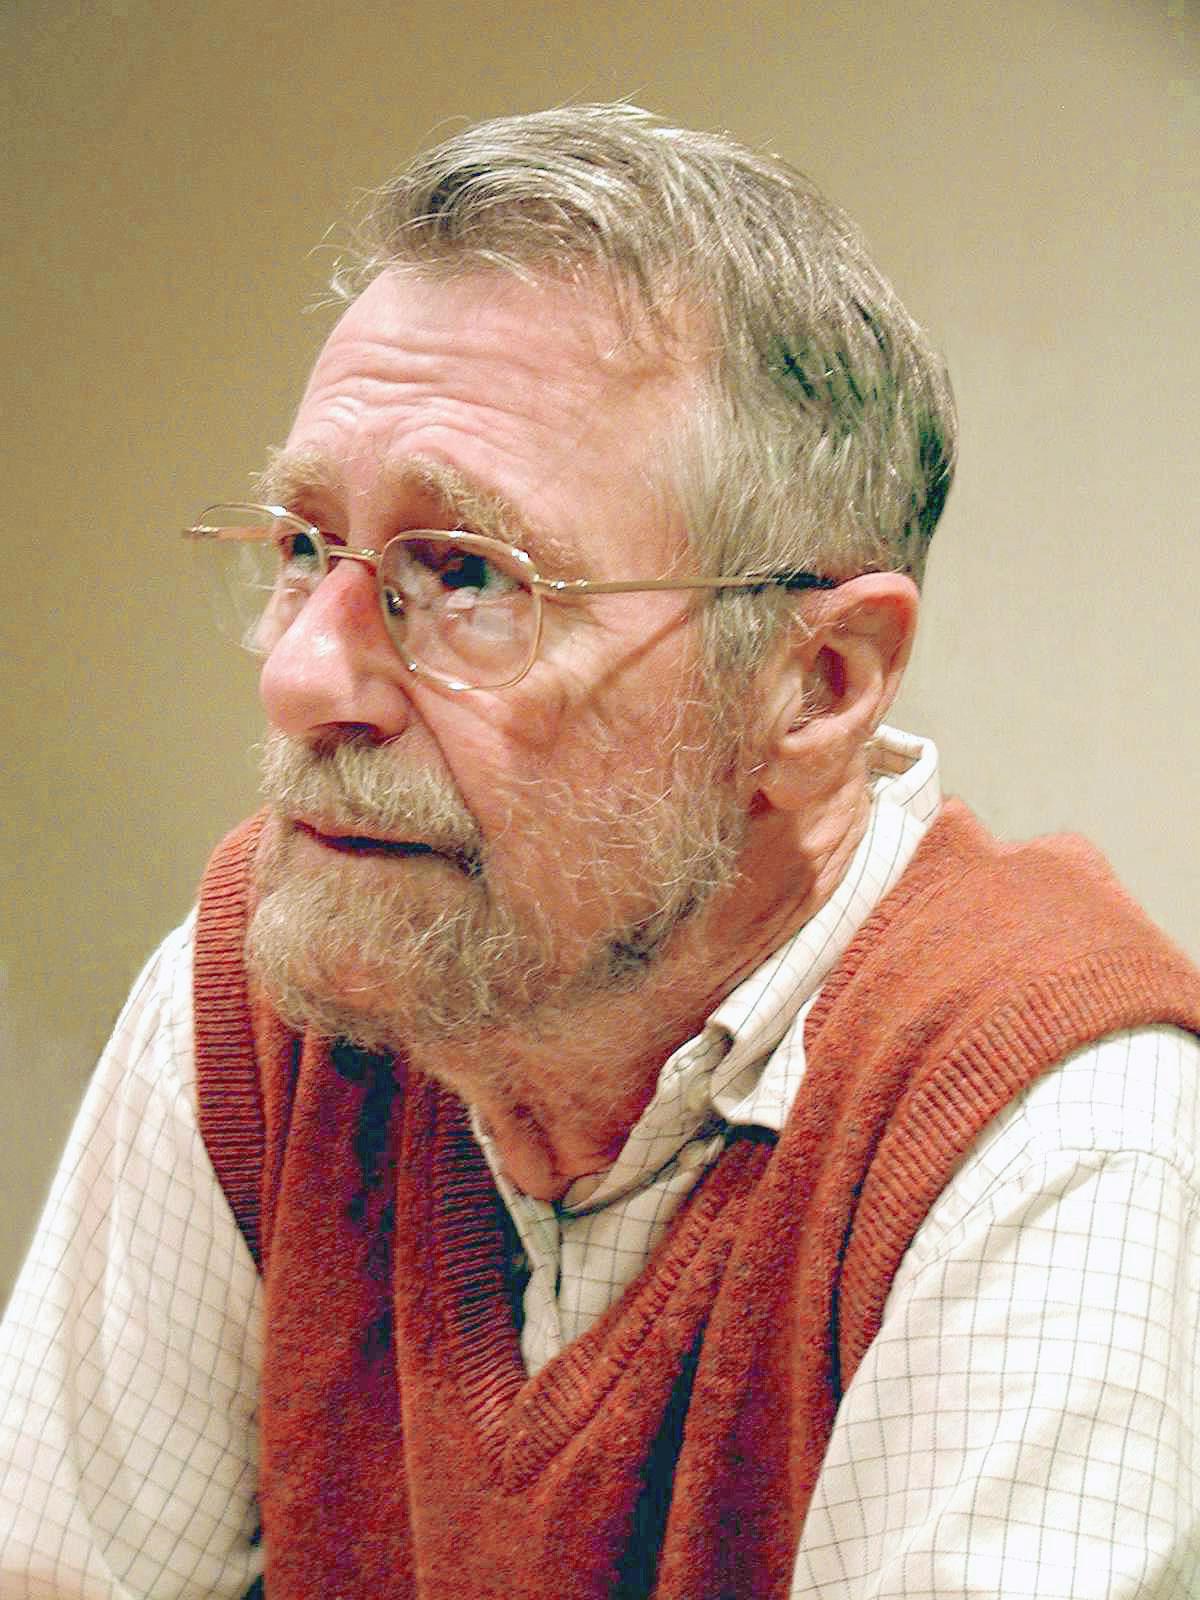 Edsger Wybe Dijkstra